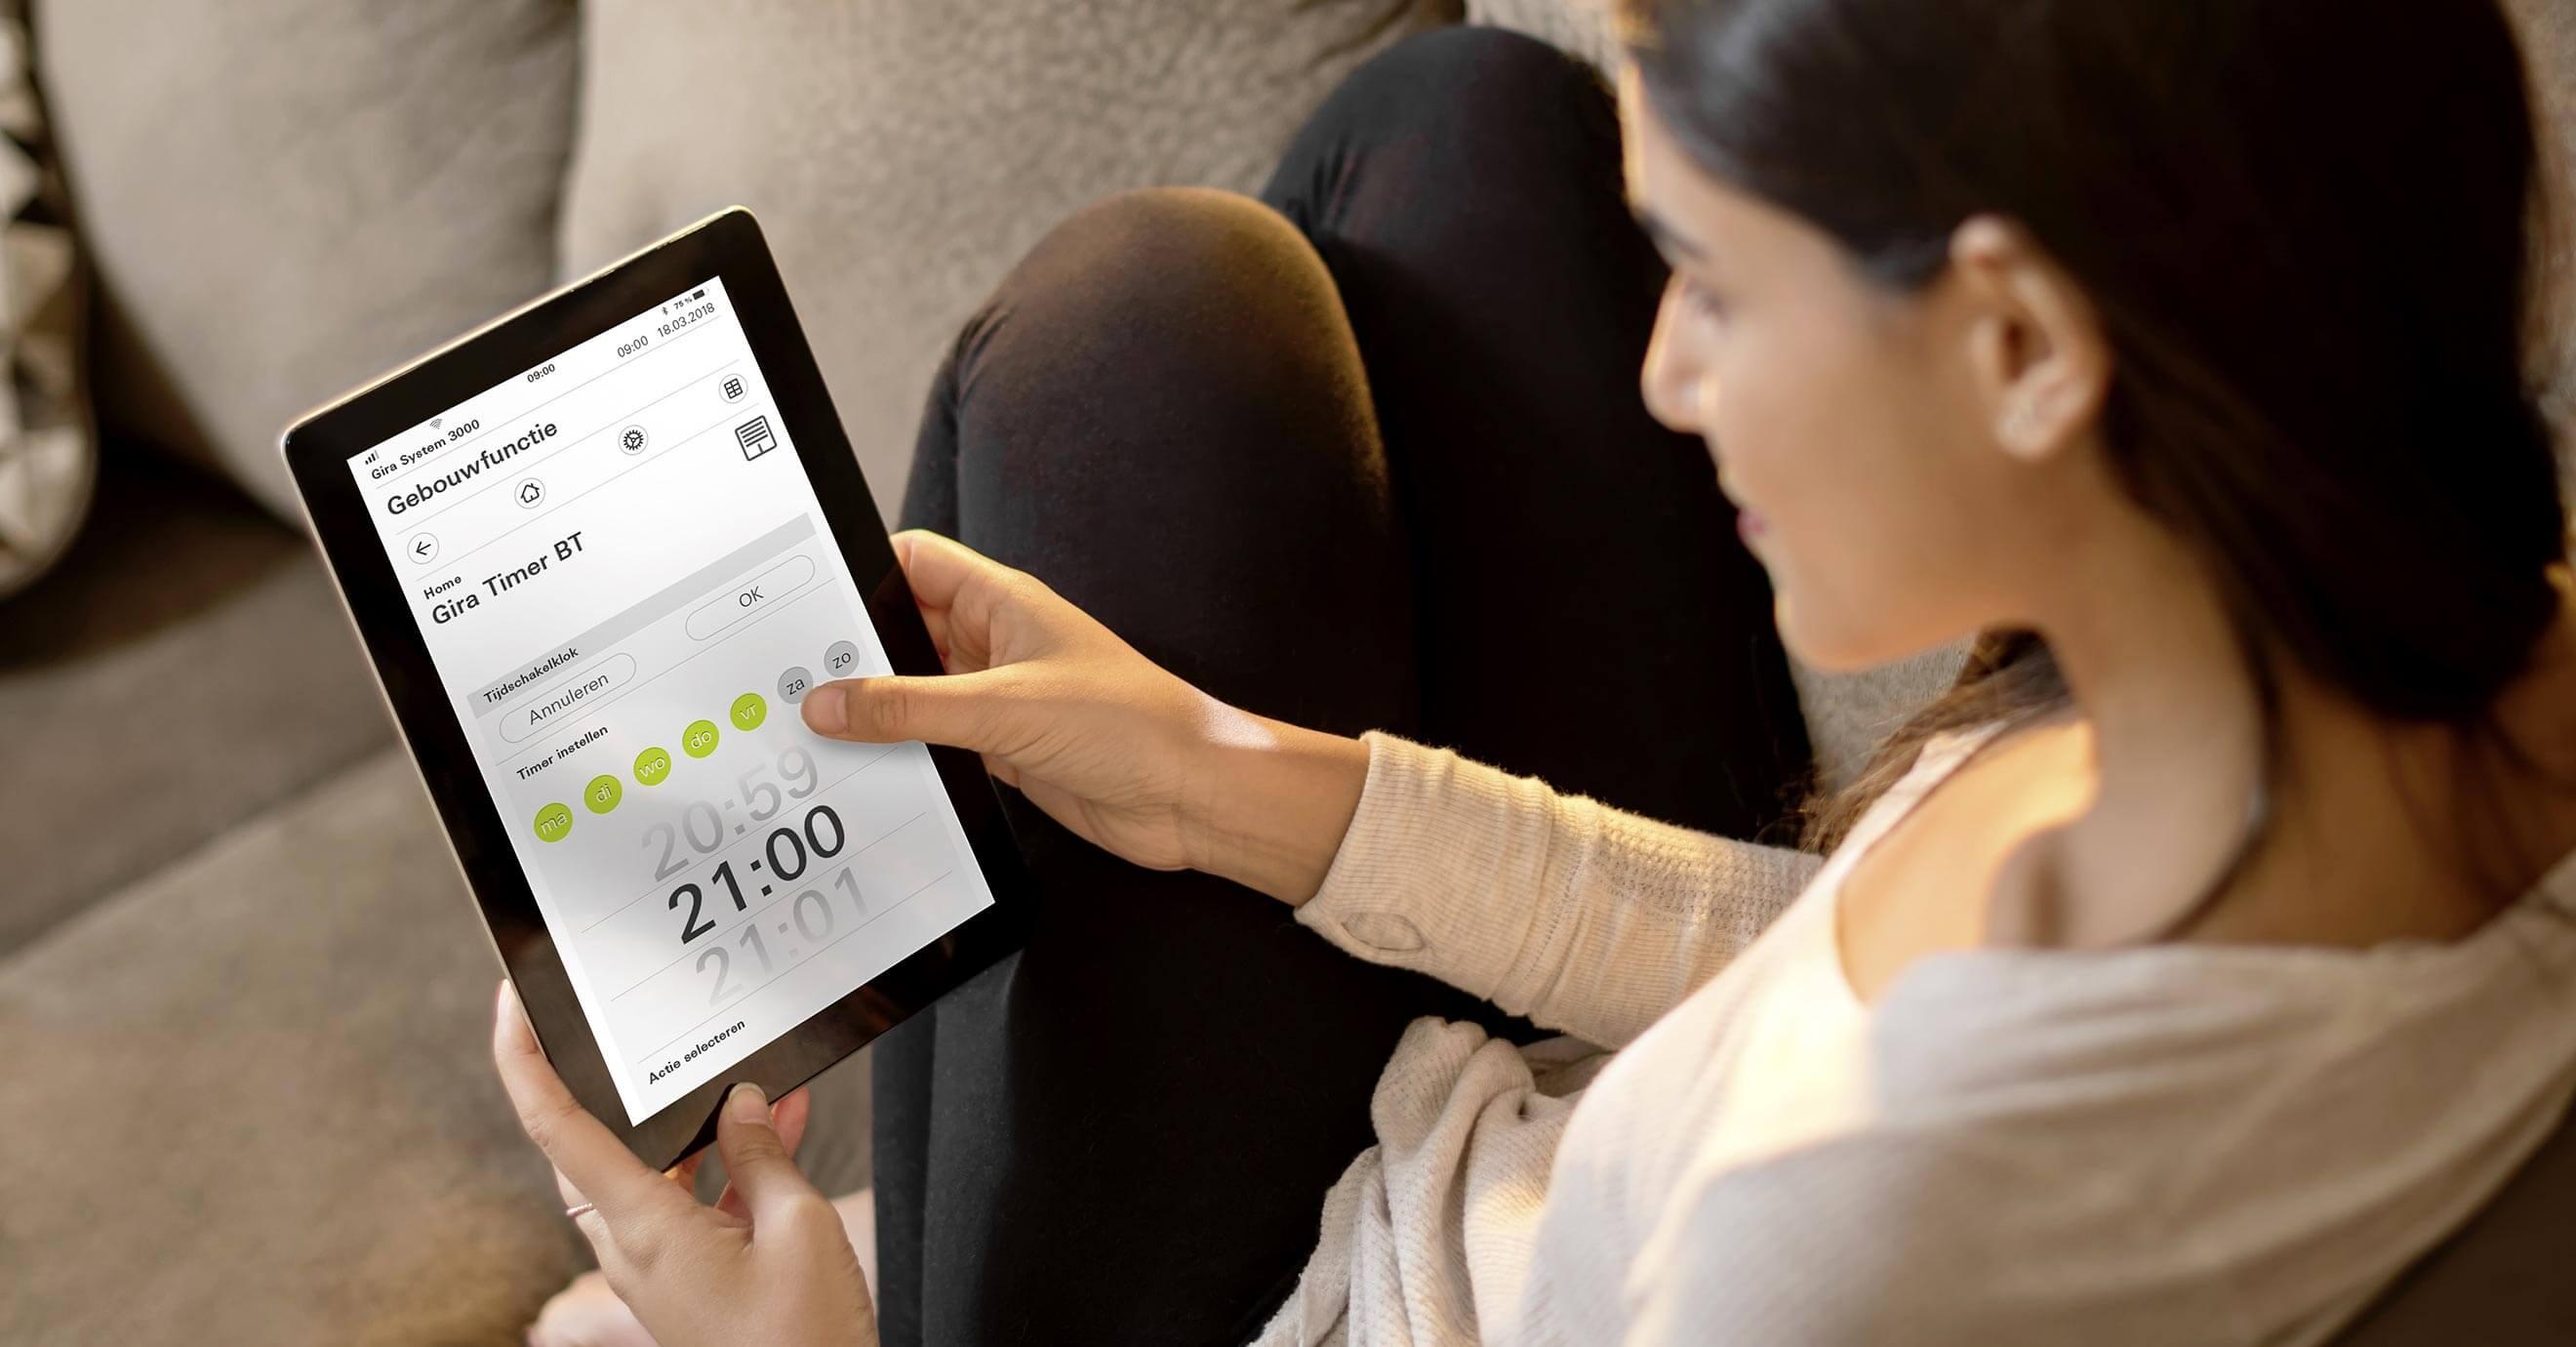 Doman comfort - flexibel gebouwfuncties aanpassen via de tablet